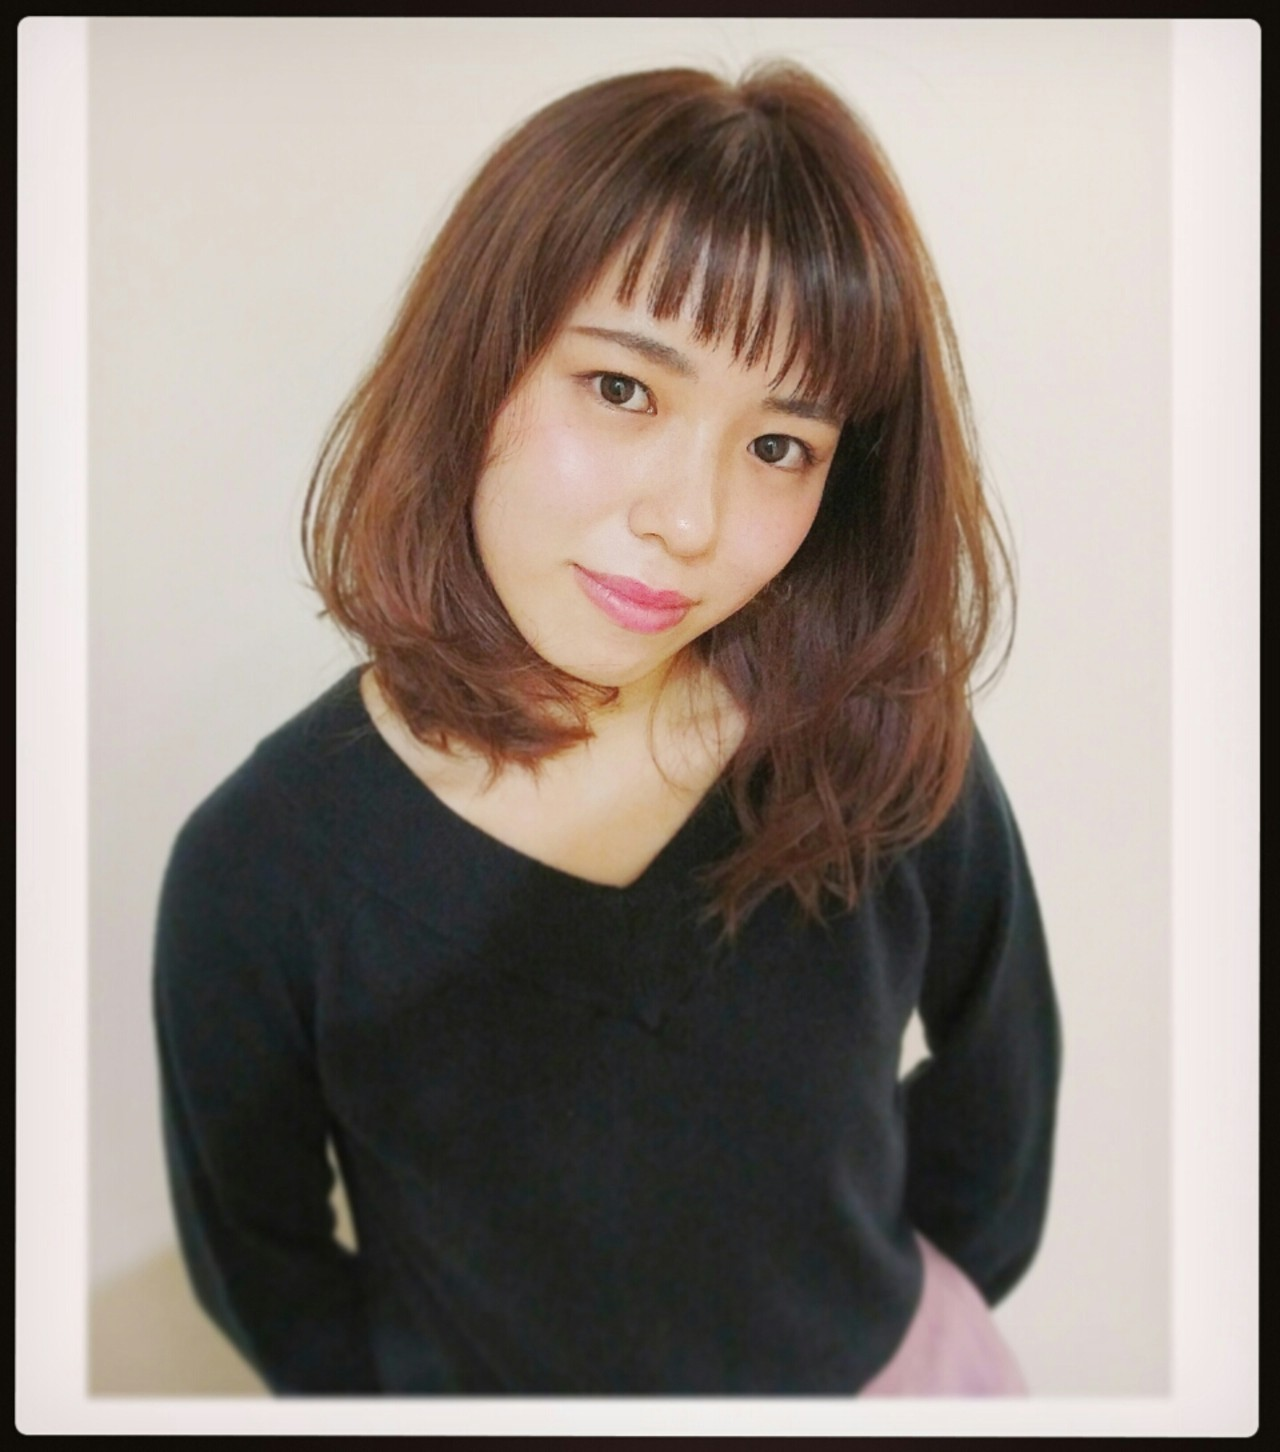 ゆるふわ パーマ 冬 ナチュラル ヘアスタイルや髪型の写真・画像 | 平桜 真浩/RED☆HOT / REDHOT